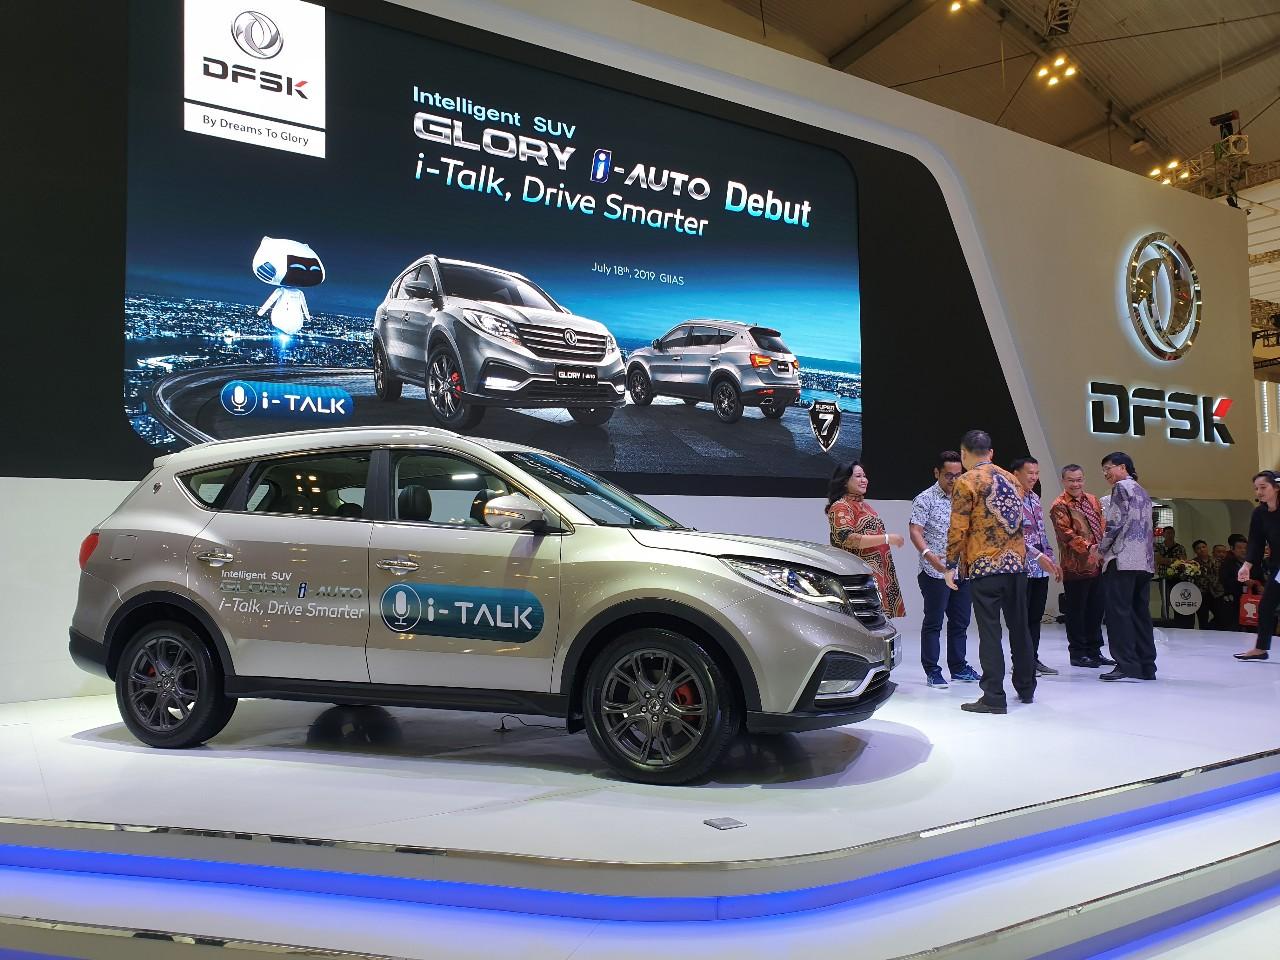 Belum Juga Dijual, DFSK Janjikan Glory i-Auto yang Bisa Diajak Ngobrol Banyak Berubah